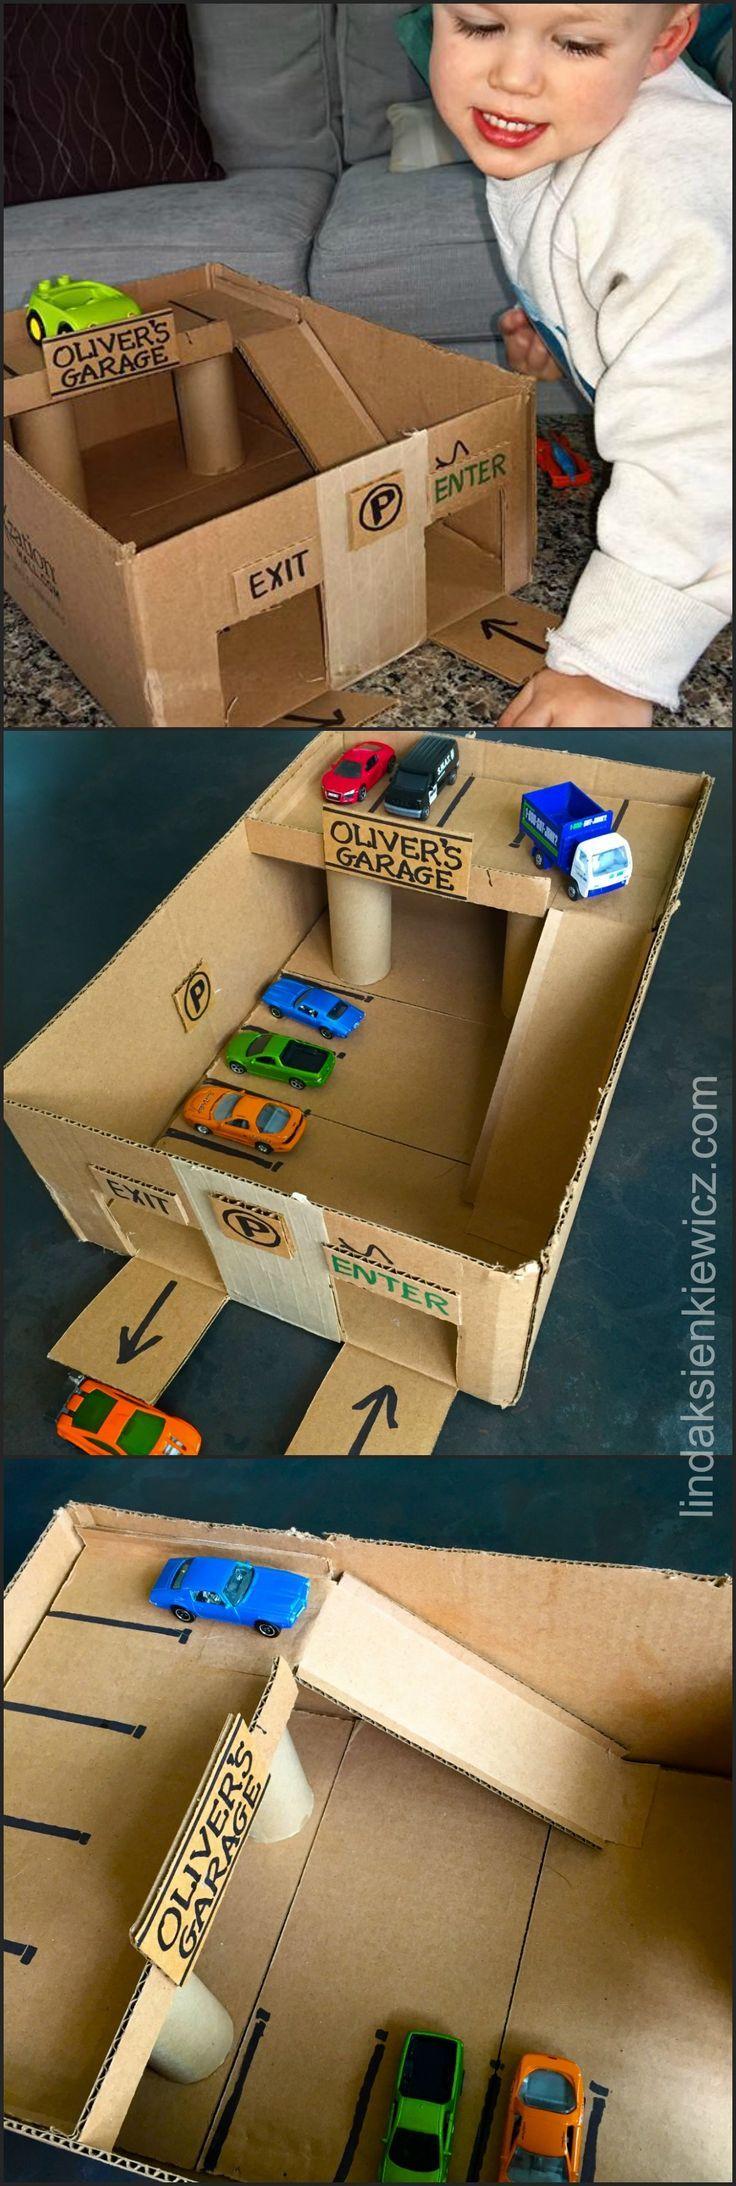 OLIVER'S CARDBOARD GARAGE. für kleine Autos, angepasst aus dem Blog von MissyInspired. Anstatt Klebeband zu verwenden, habe ich für das gesamte Projekt Aileens Tacky-Kleber verwendet, um ein saubereres Aussehen zu erzielen. Die obere Ebene, die auf 2 Toilettenpapierröhrchen gesetzt ist (viel Kleber zum Festhalten), ist breit, damit ein Auto an geparkten Autos vorbeifahren kann, die Rampe Seiten hat und Türen mit Ein- und Ausgängen gekennzeichnet sind. Ich habe auch ein Stück Pappe in den mittleren Boden der Schachtel geklebt, um es auszurichten. Er liebt es! Weniger als eine Stunde zu bauen! – Bild für Sie